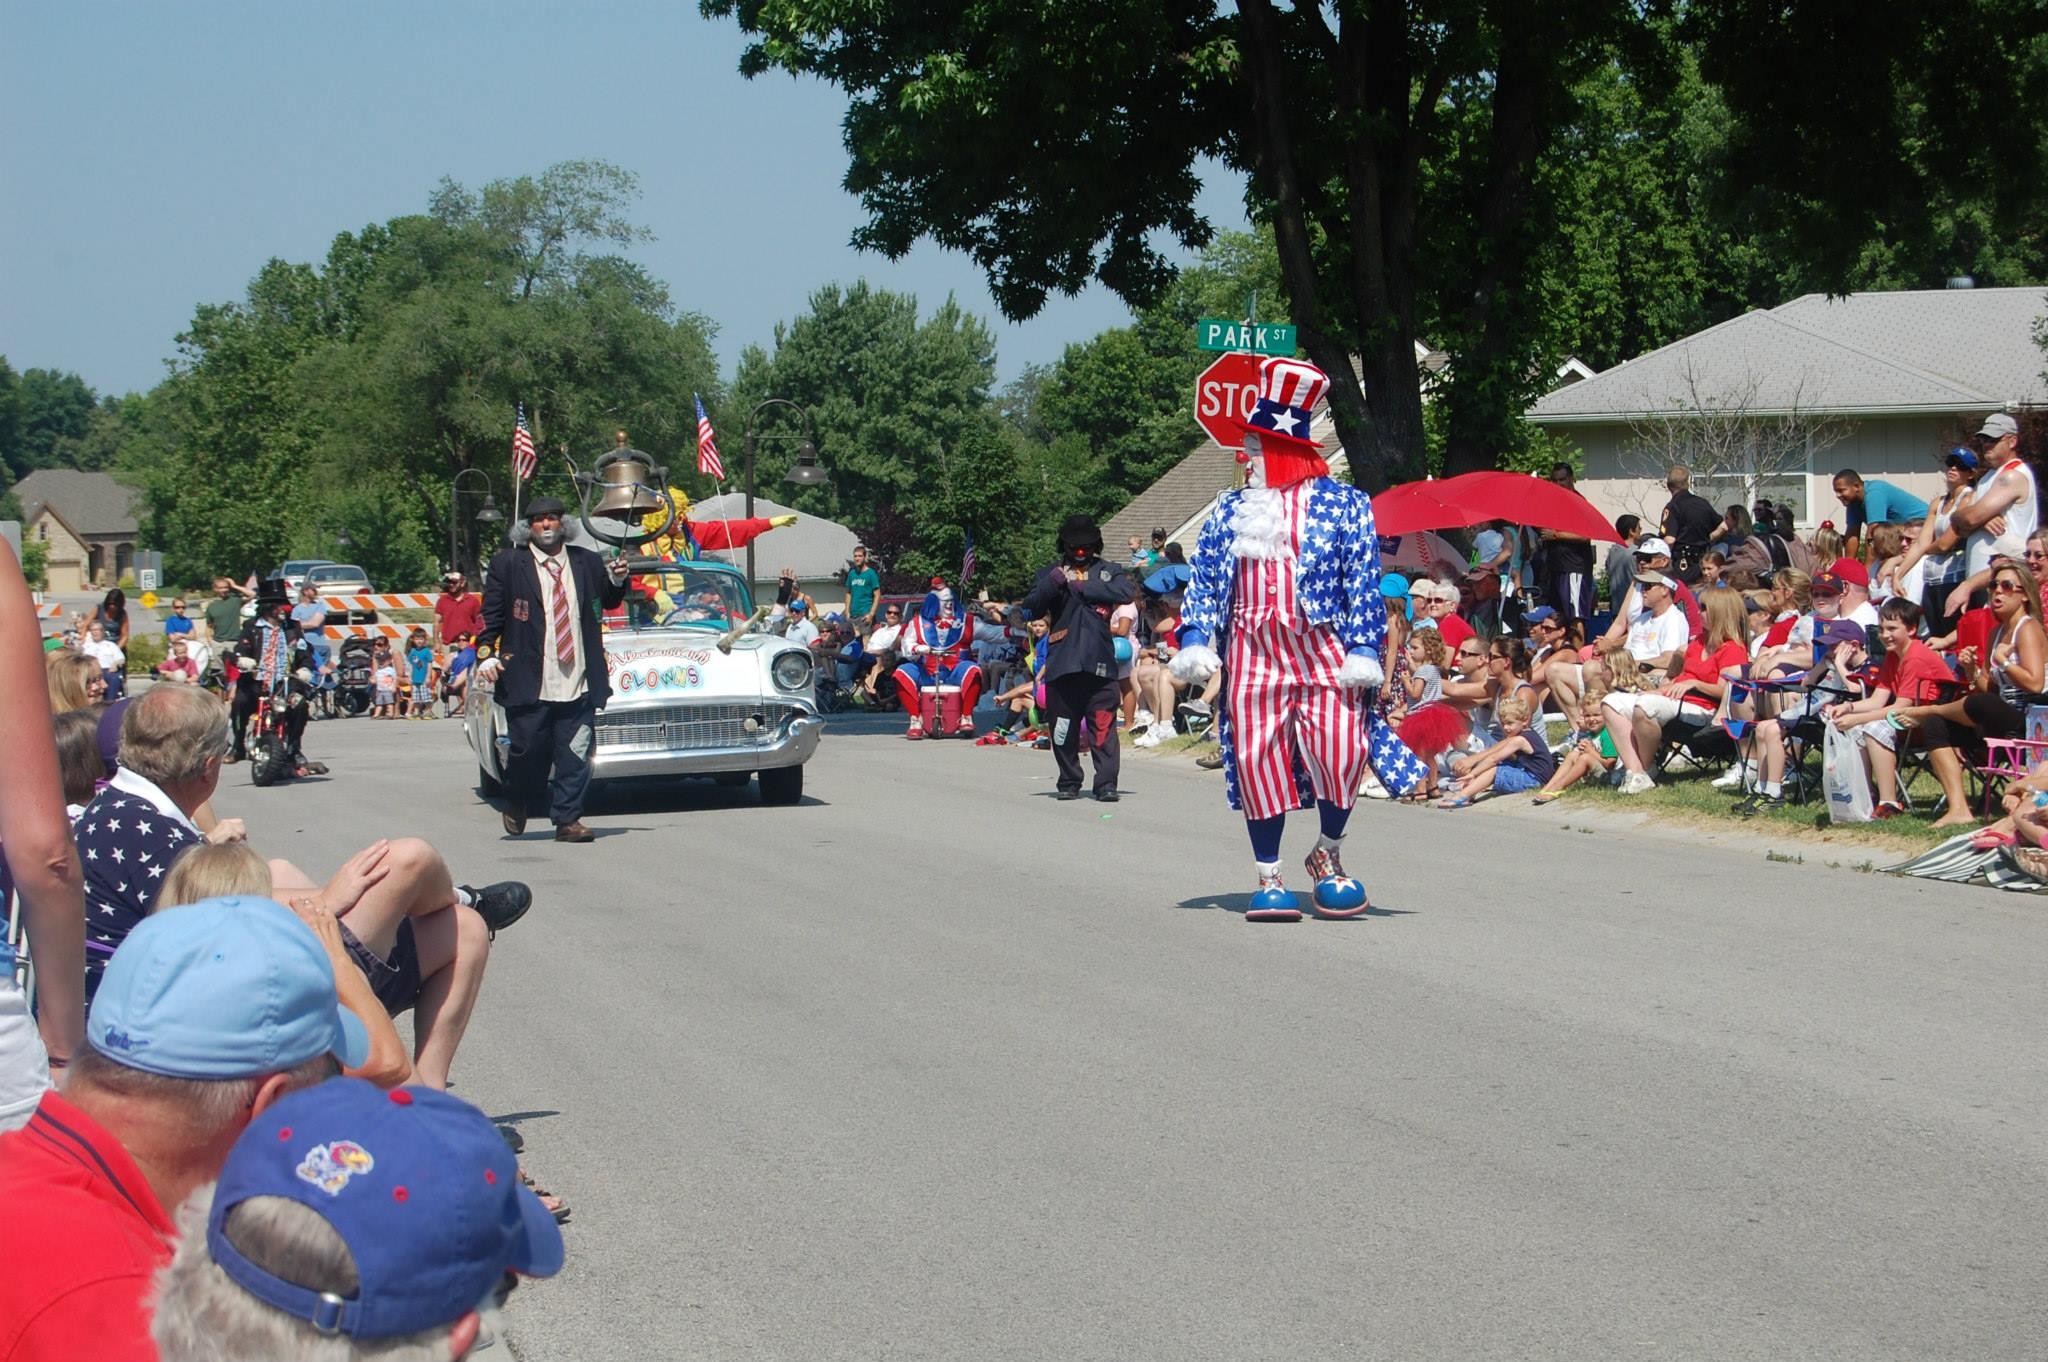 ClownsParade2